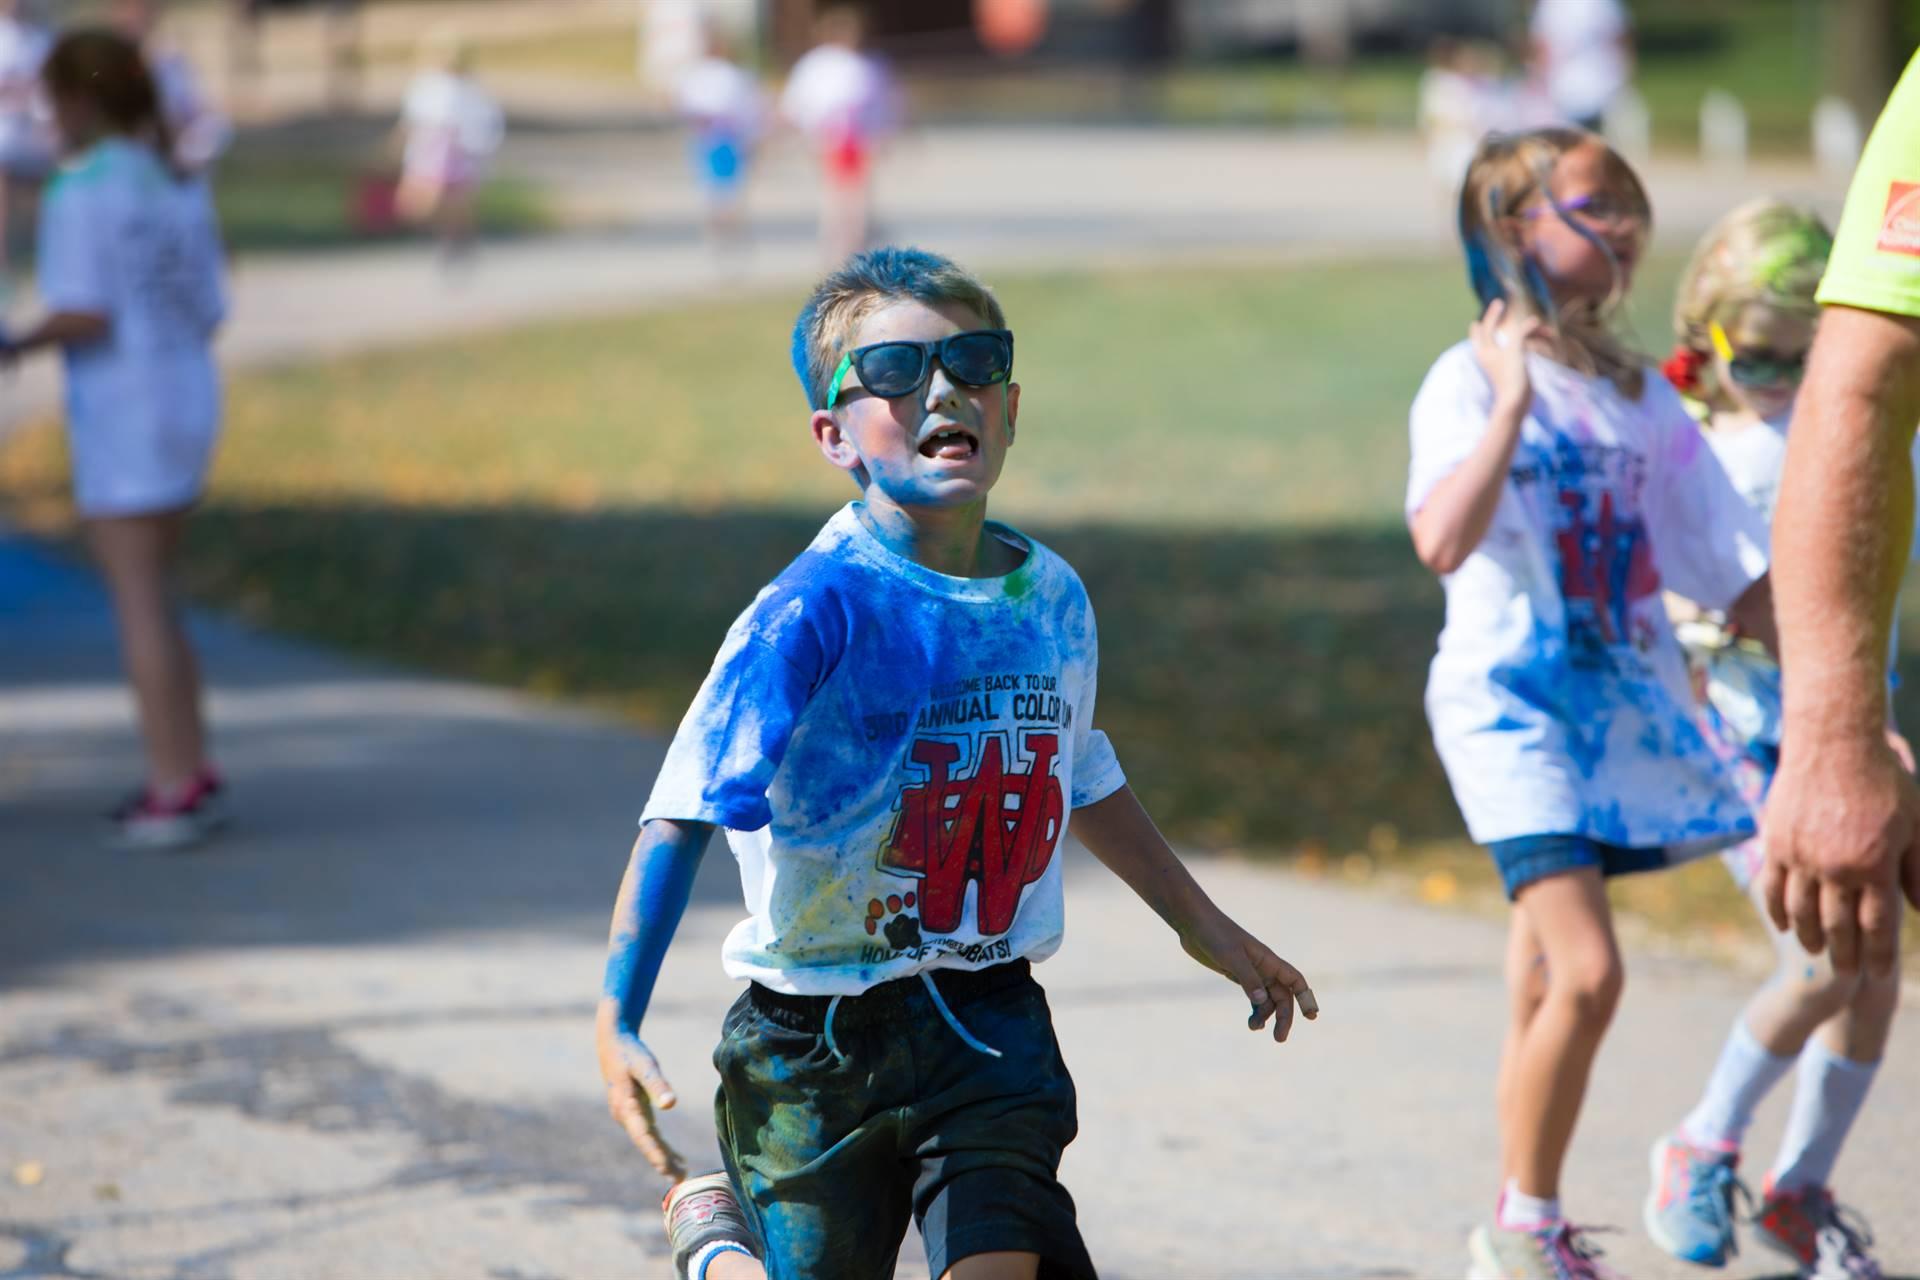 Boy 9 at color run